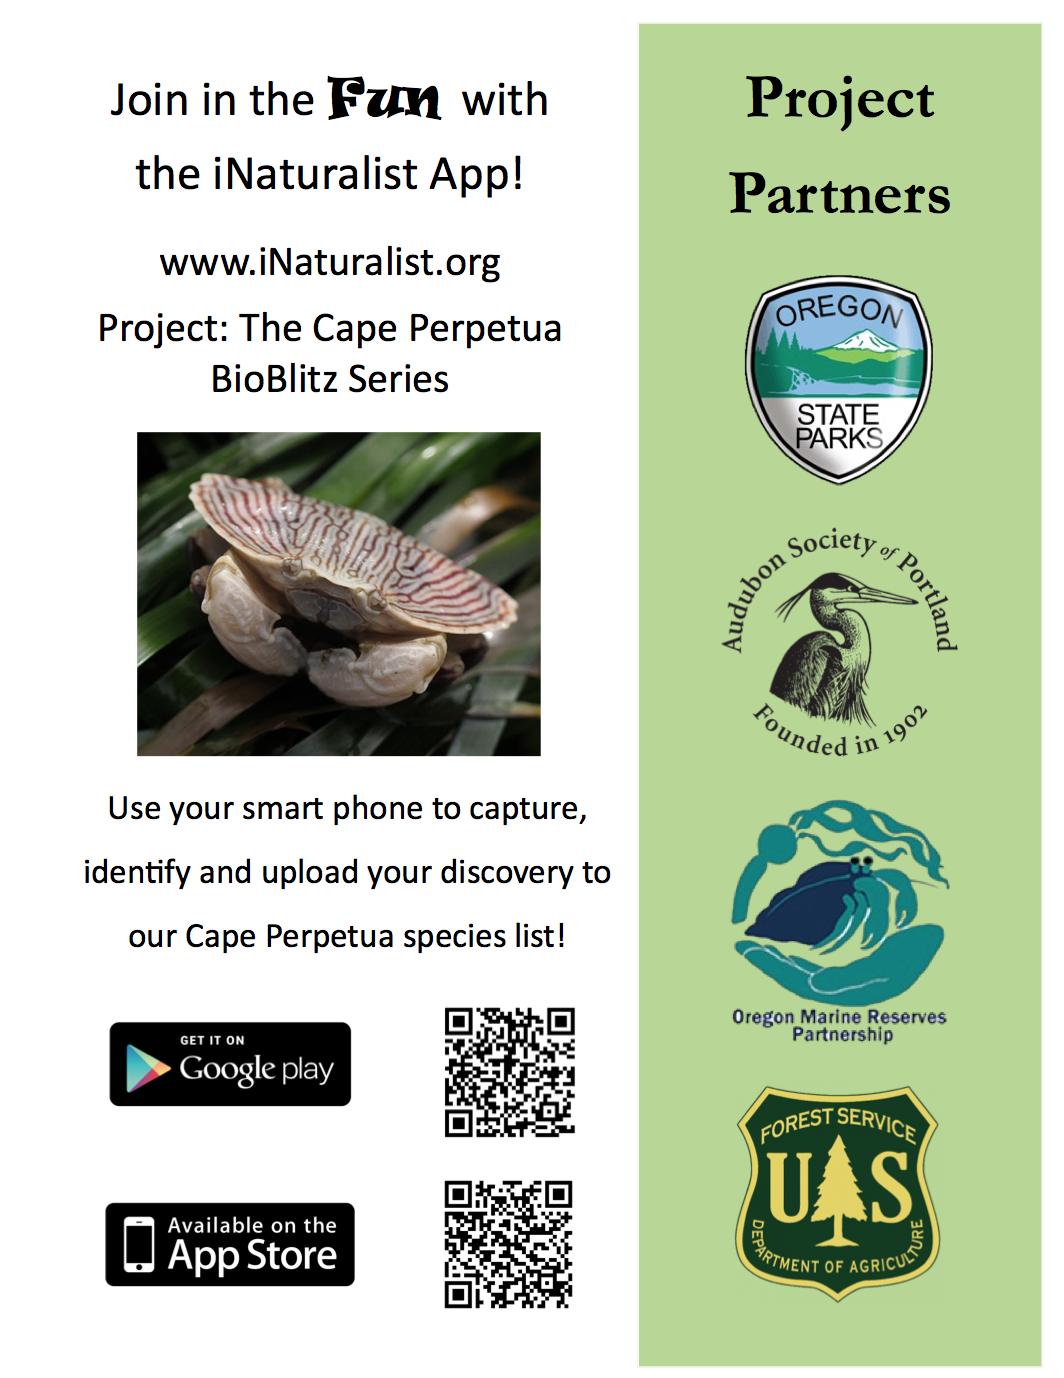 Image of the 50th Anniversary BioBlitz iNaturalist App description.